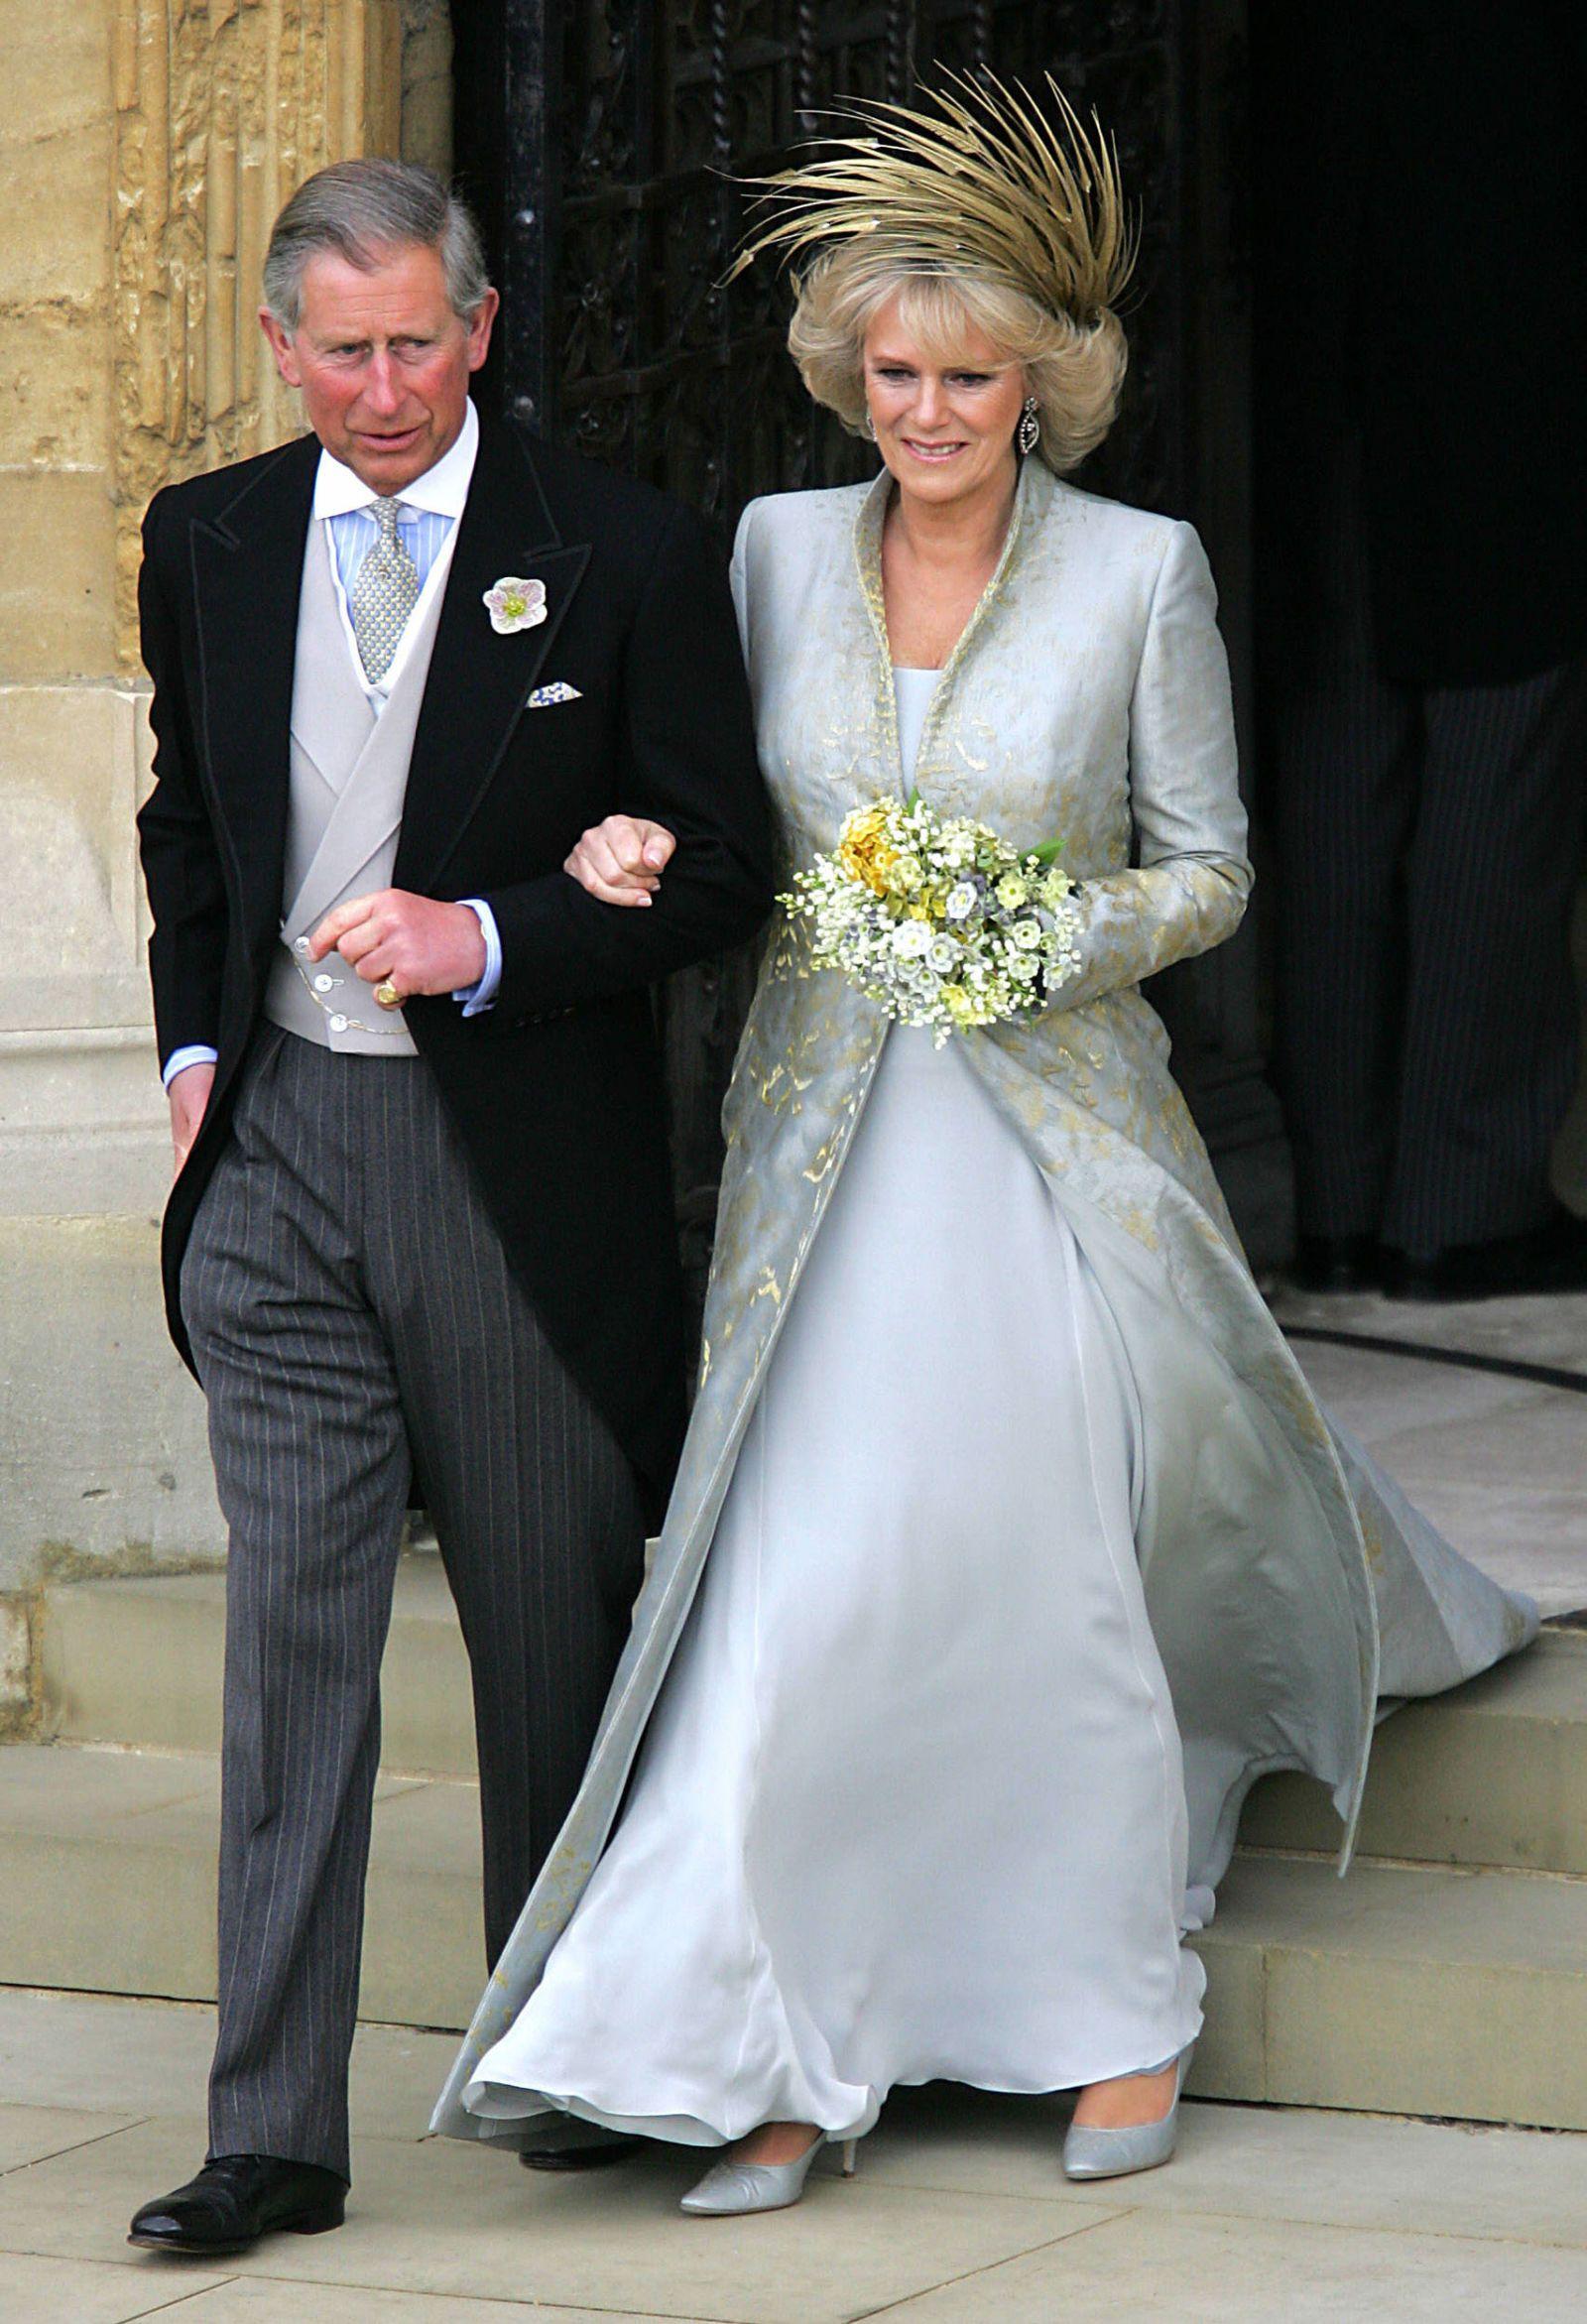 Matrimonio In Inghilterra : Il matrimonio del principe carlo d inghilterra con camilla